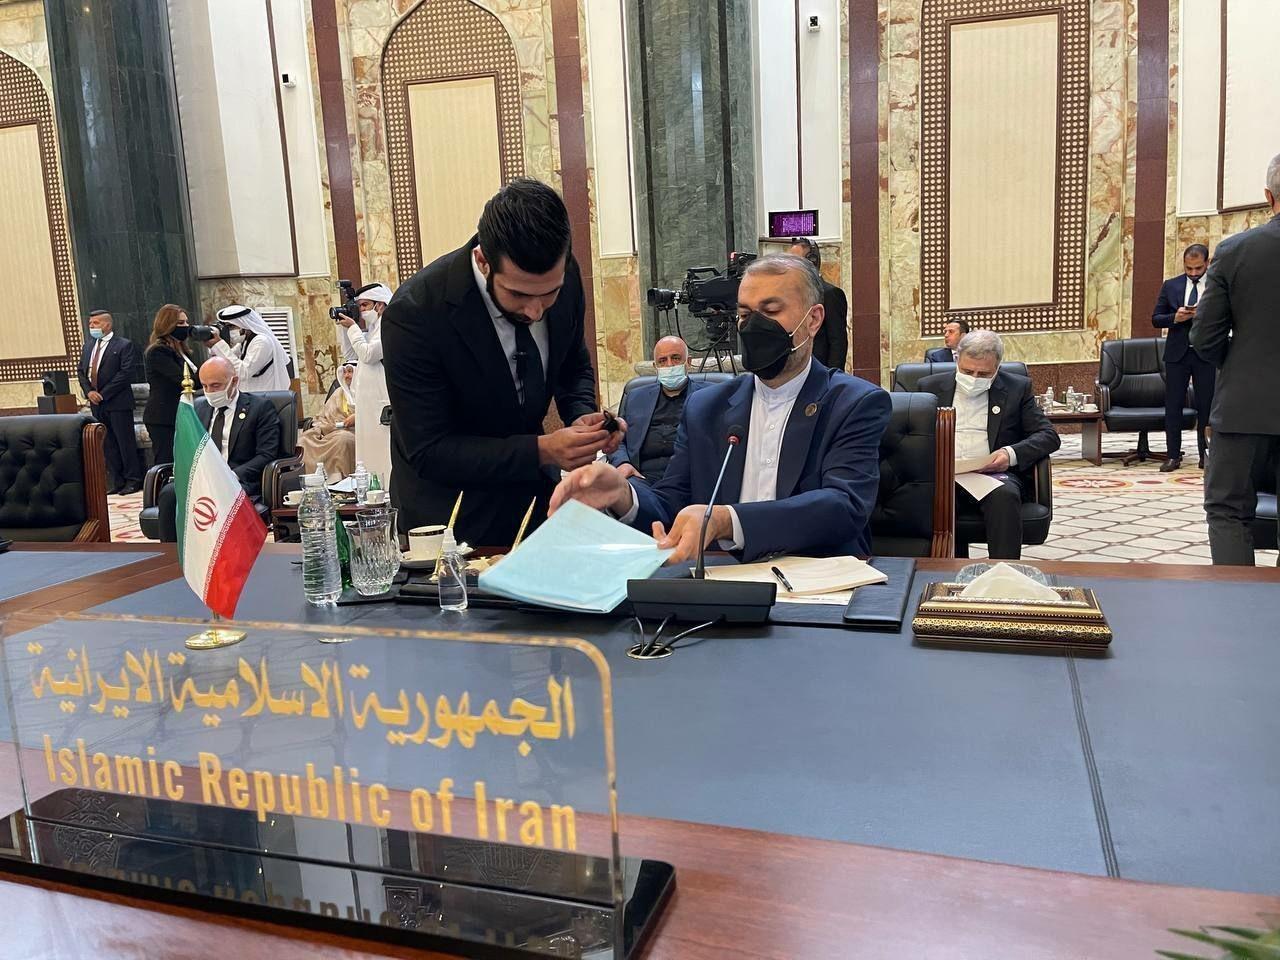 Министр иностранных дел Ирана Хосейн Амир Абдоллахиан на полях «Саммита по региональной поддержке Ирака» провёл встречу с премьер-министром ОАЭ шейхом Мухаммедом бен Рашидом Аль Мактумом. Багдад, 29 августа 2021 г.